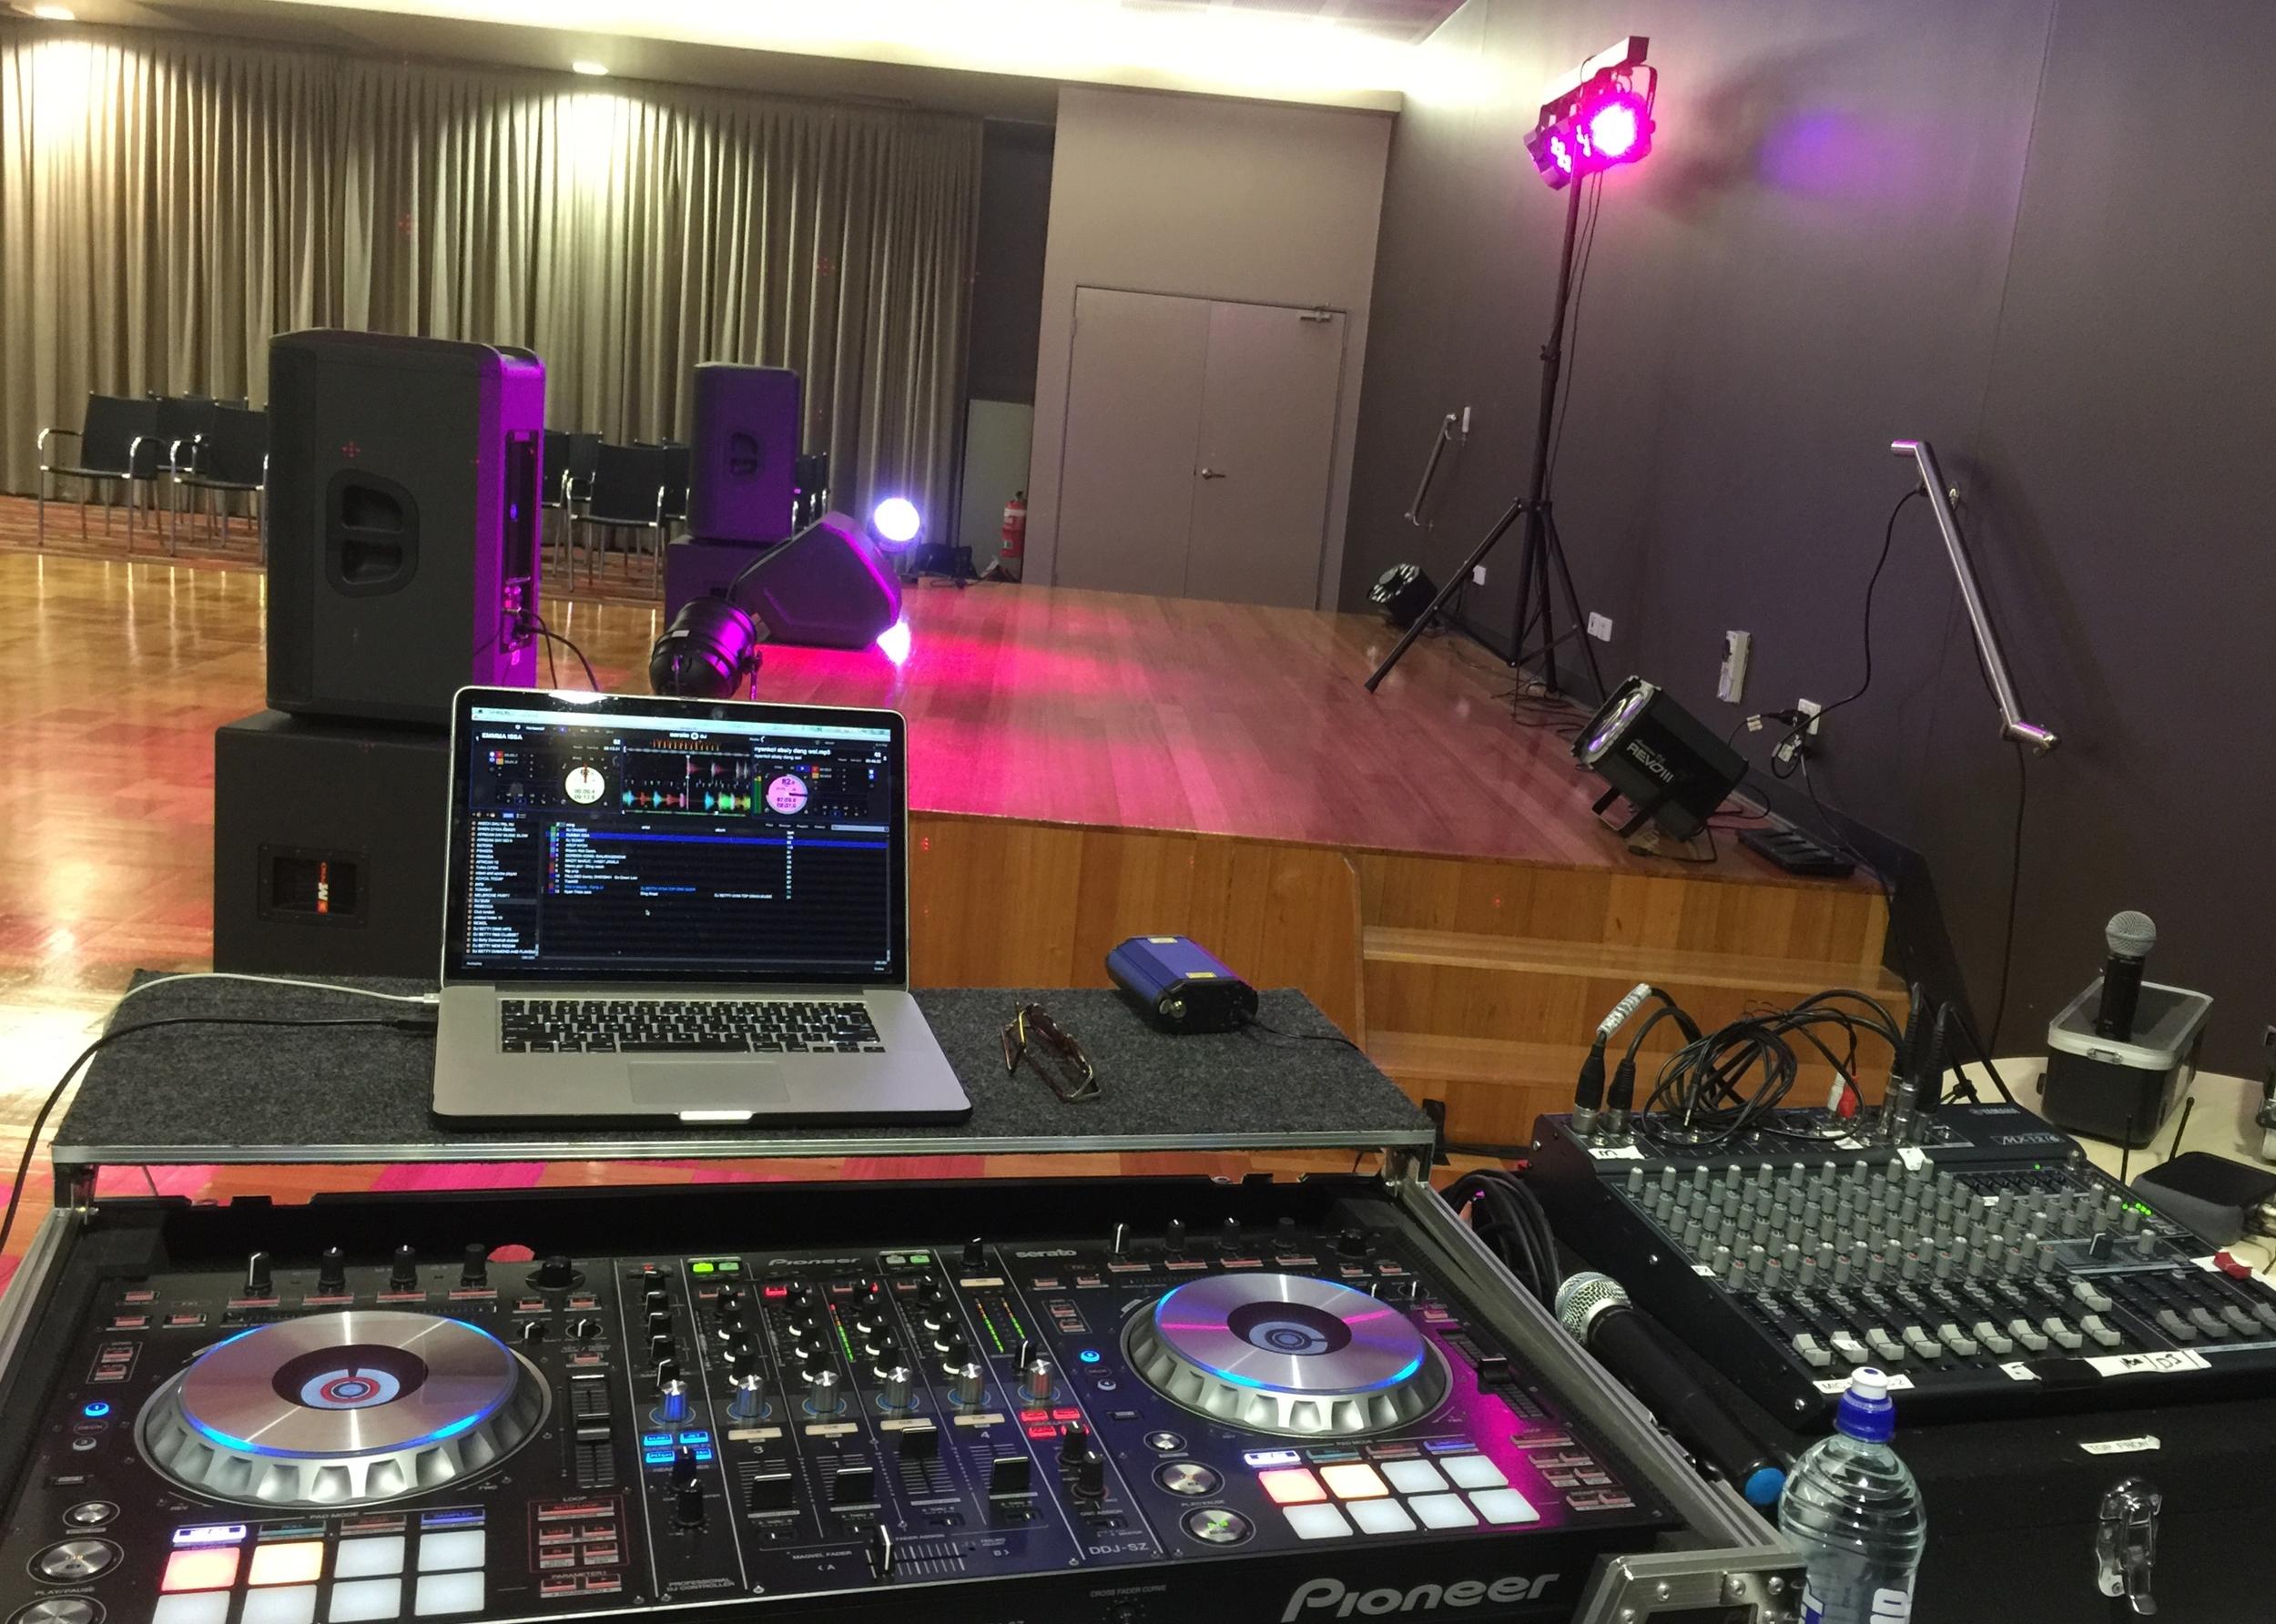 Pro DJ sound system